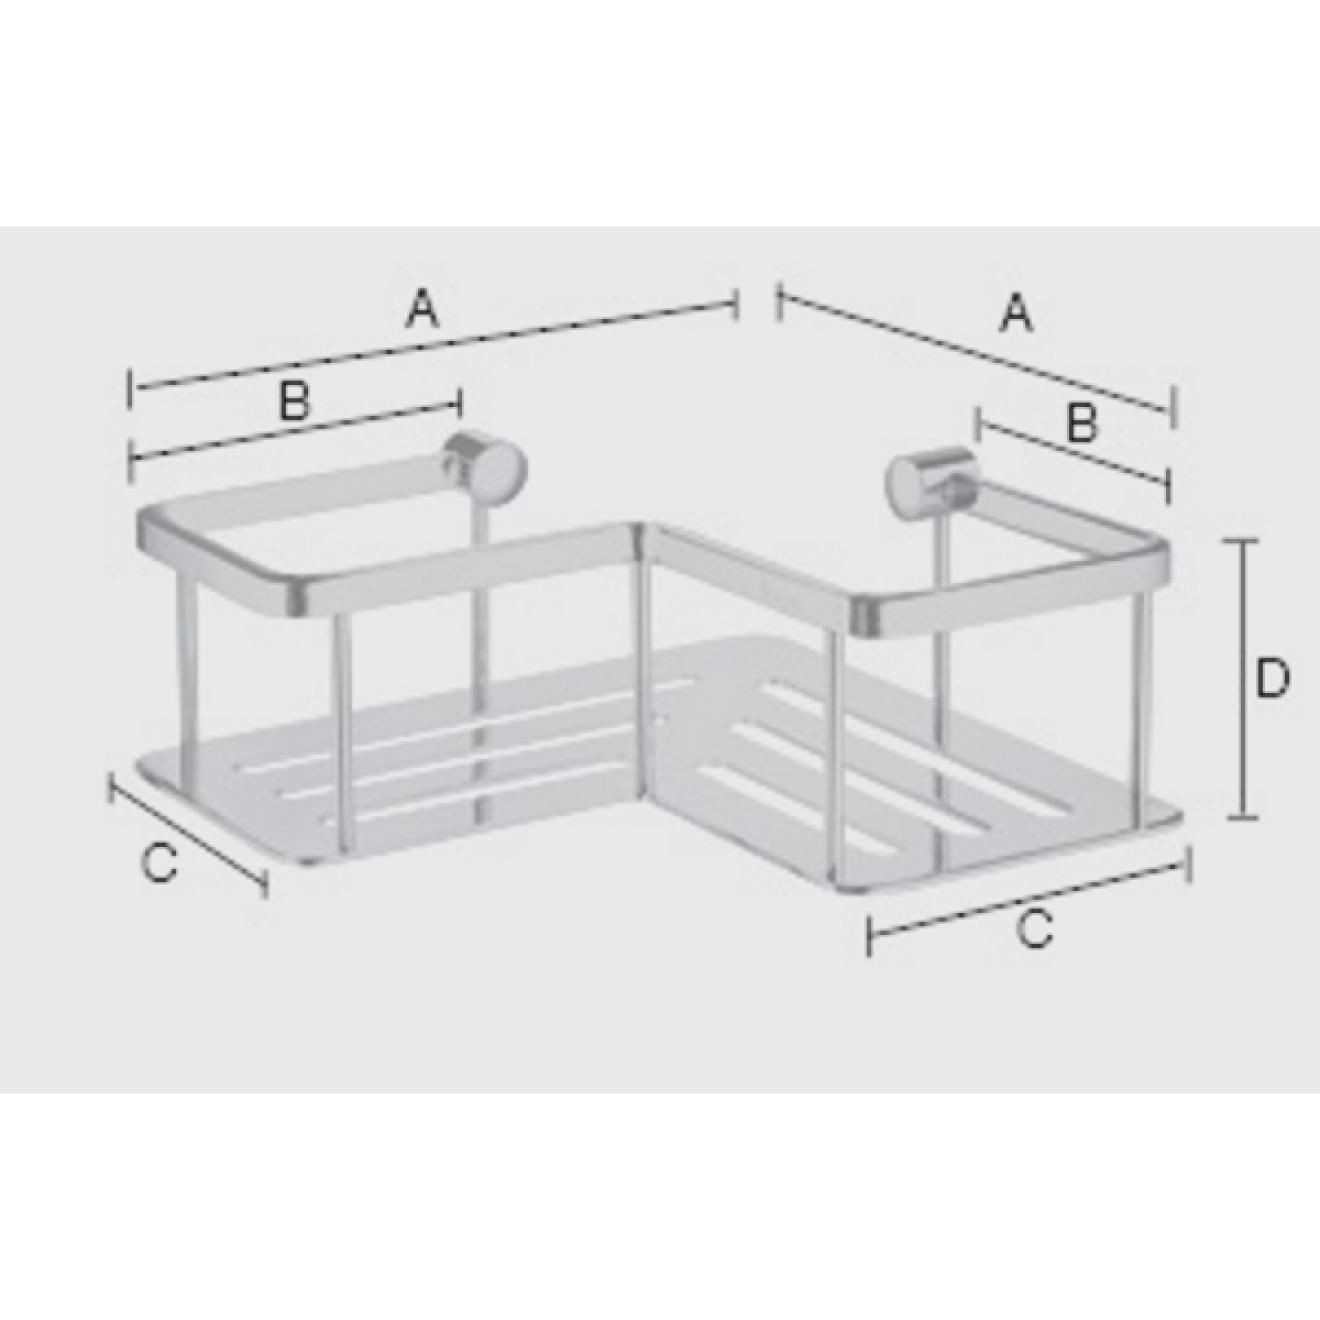 seifenablage duschkorb ber eck outline verchromt. Black Bedroom Furniture Sets. Home Design Ideas